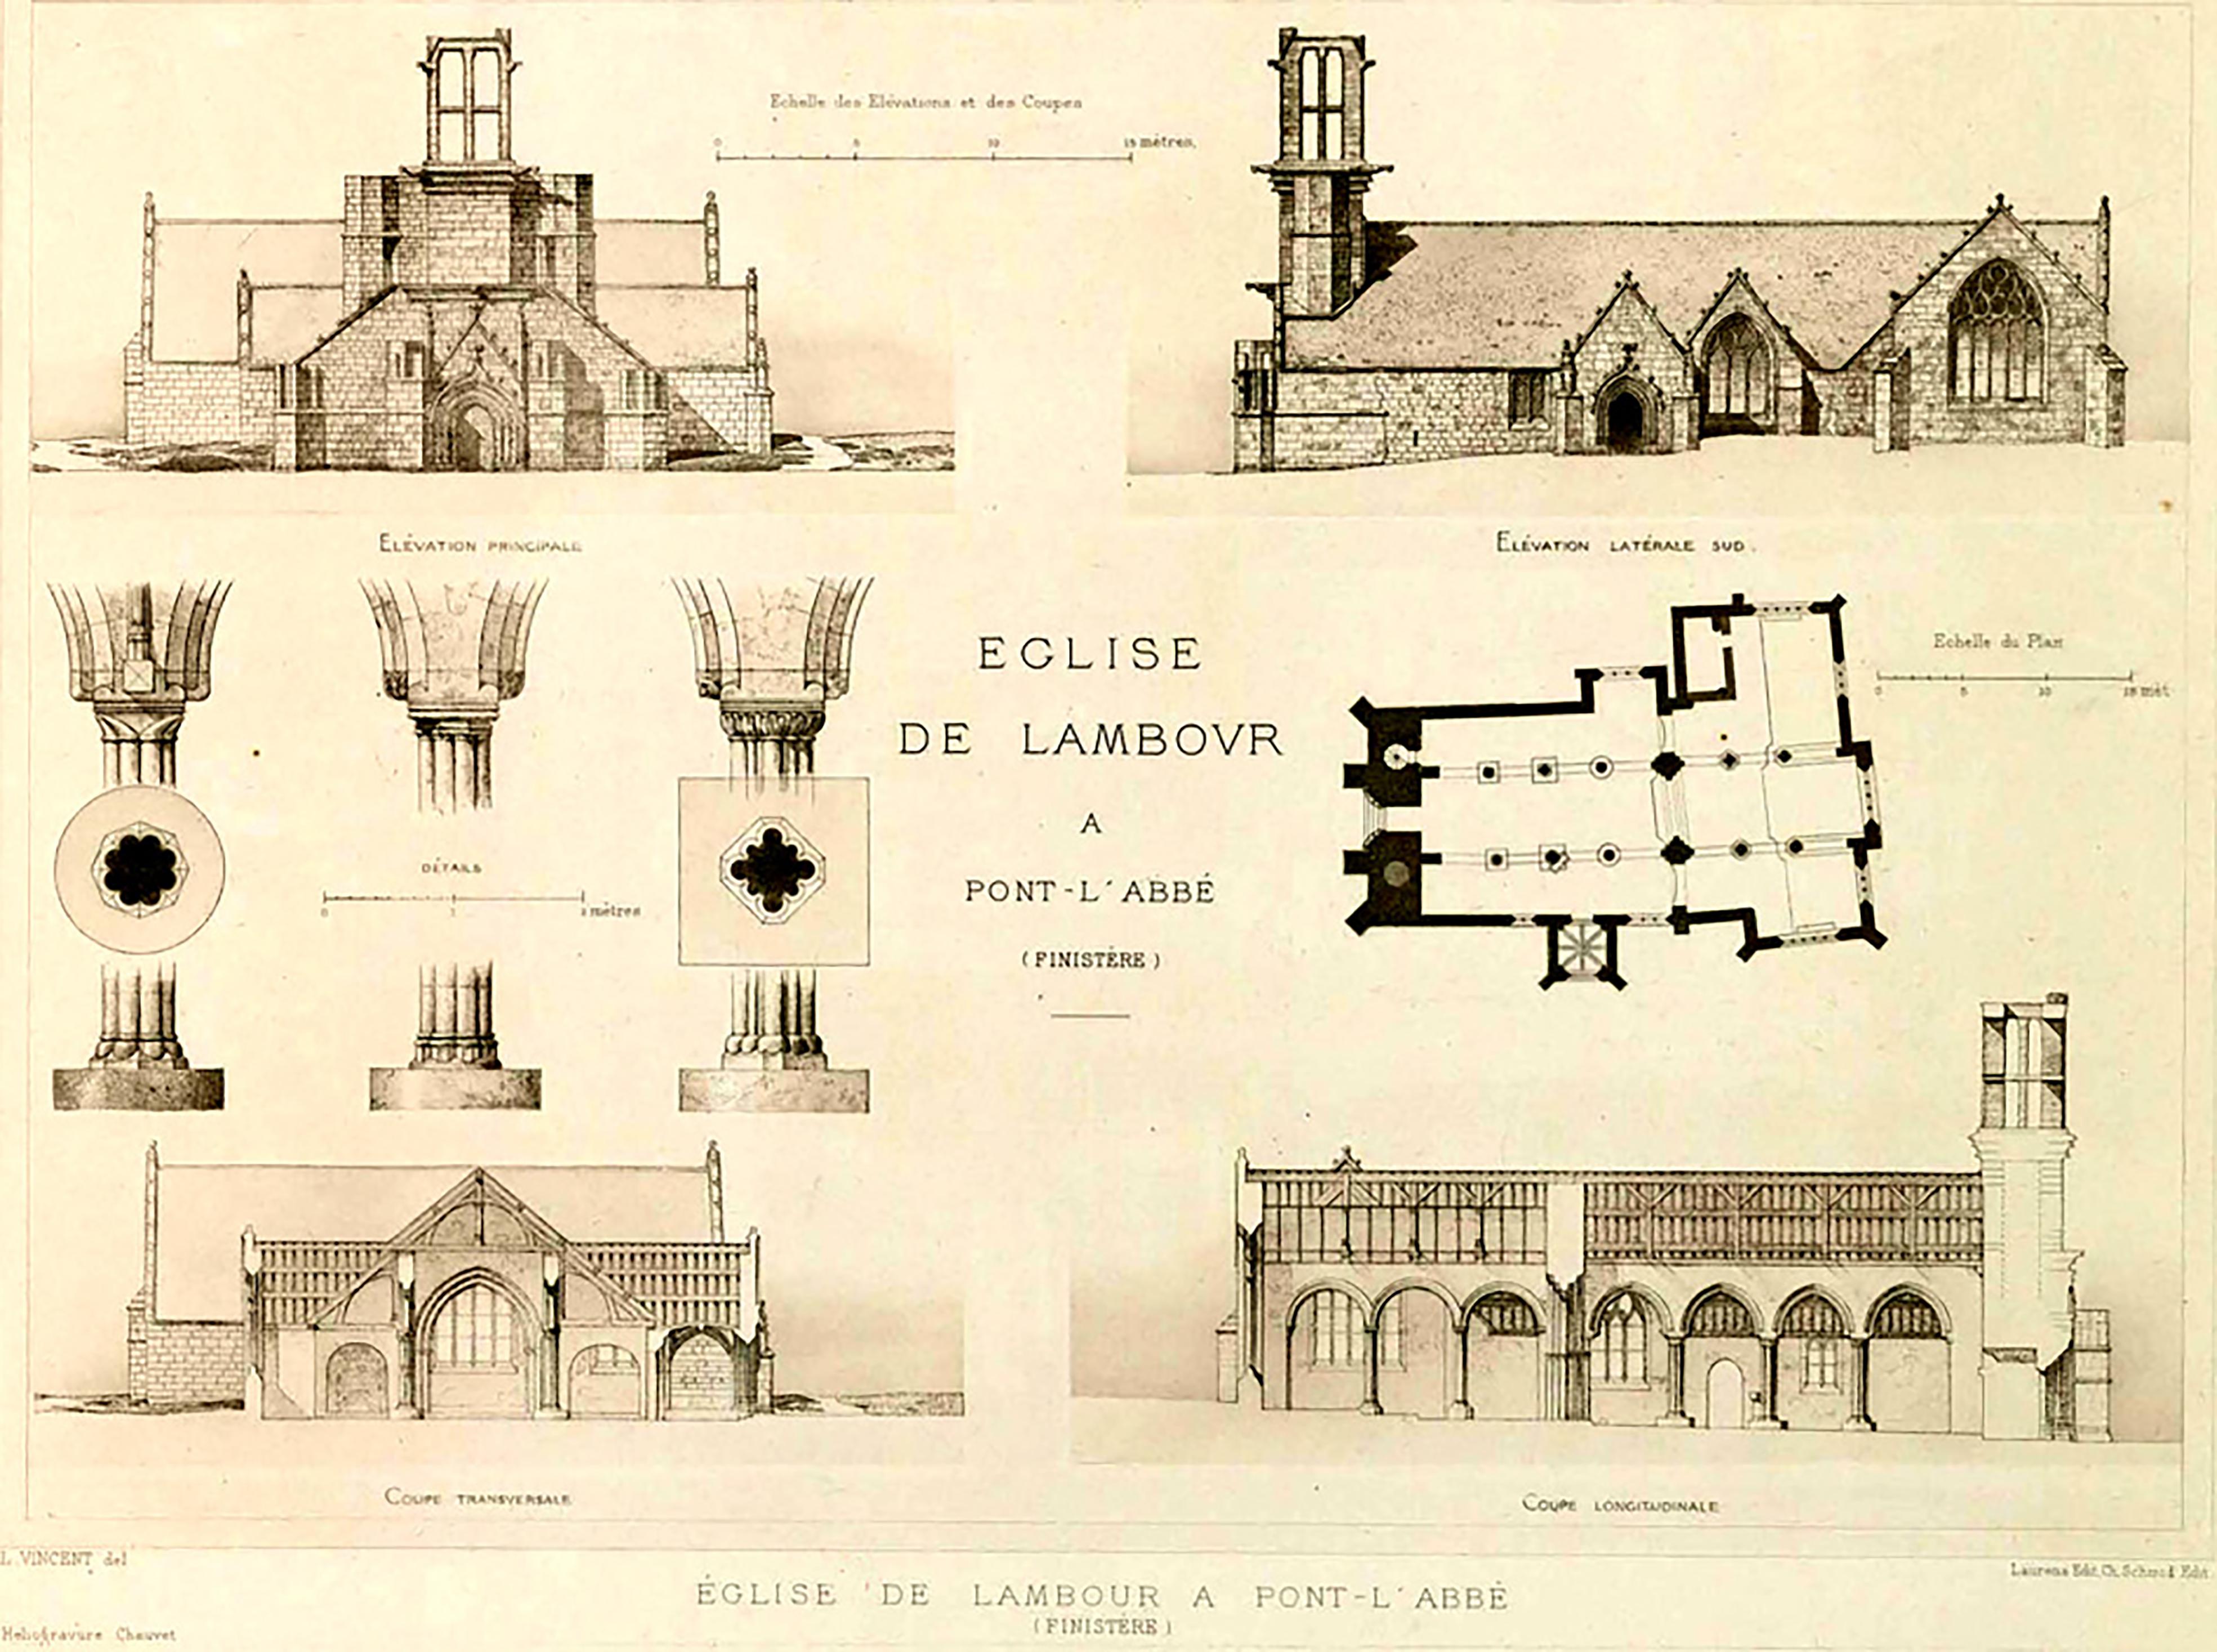 Eglise de Lambour - plans